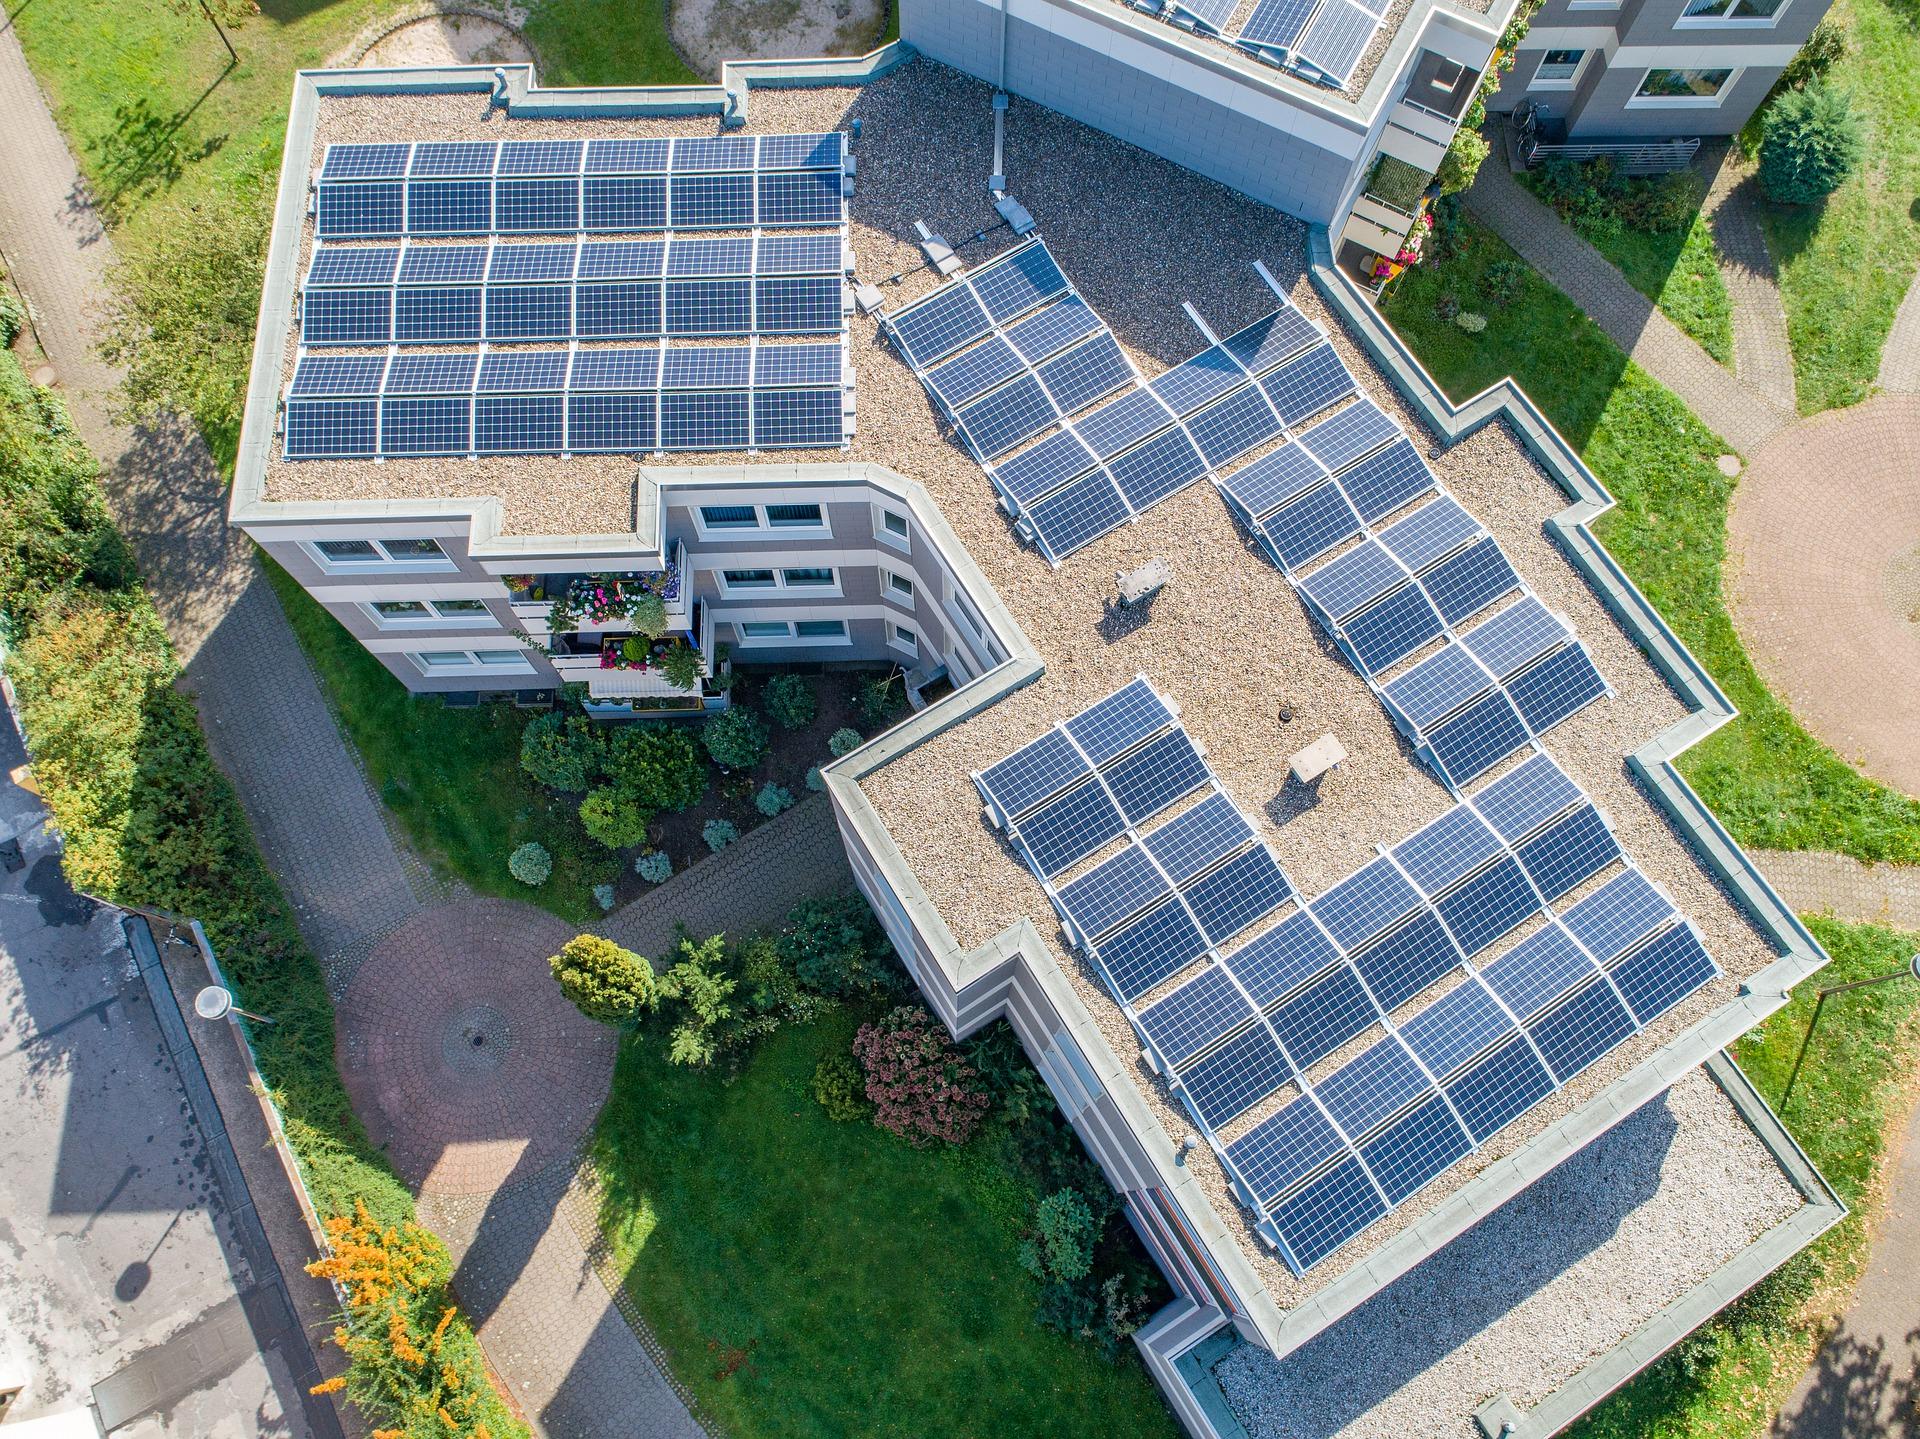 110 per cento fotovoltaico ecobonus decreto rilancio gazzetta ufficiale